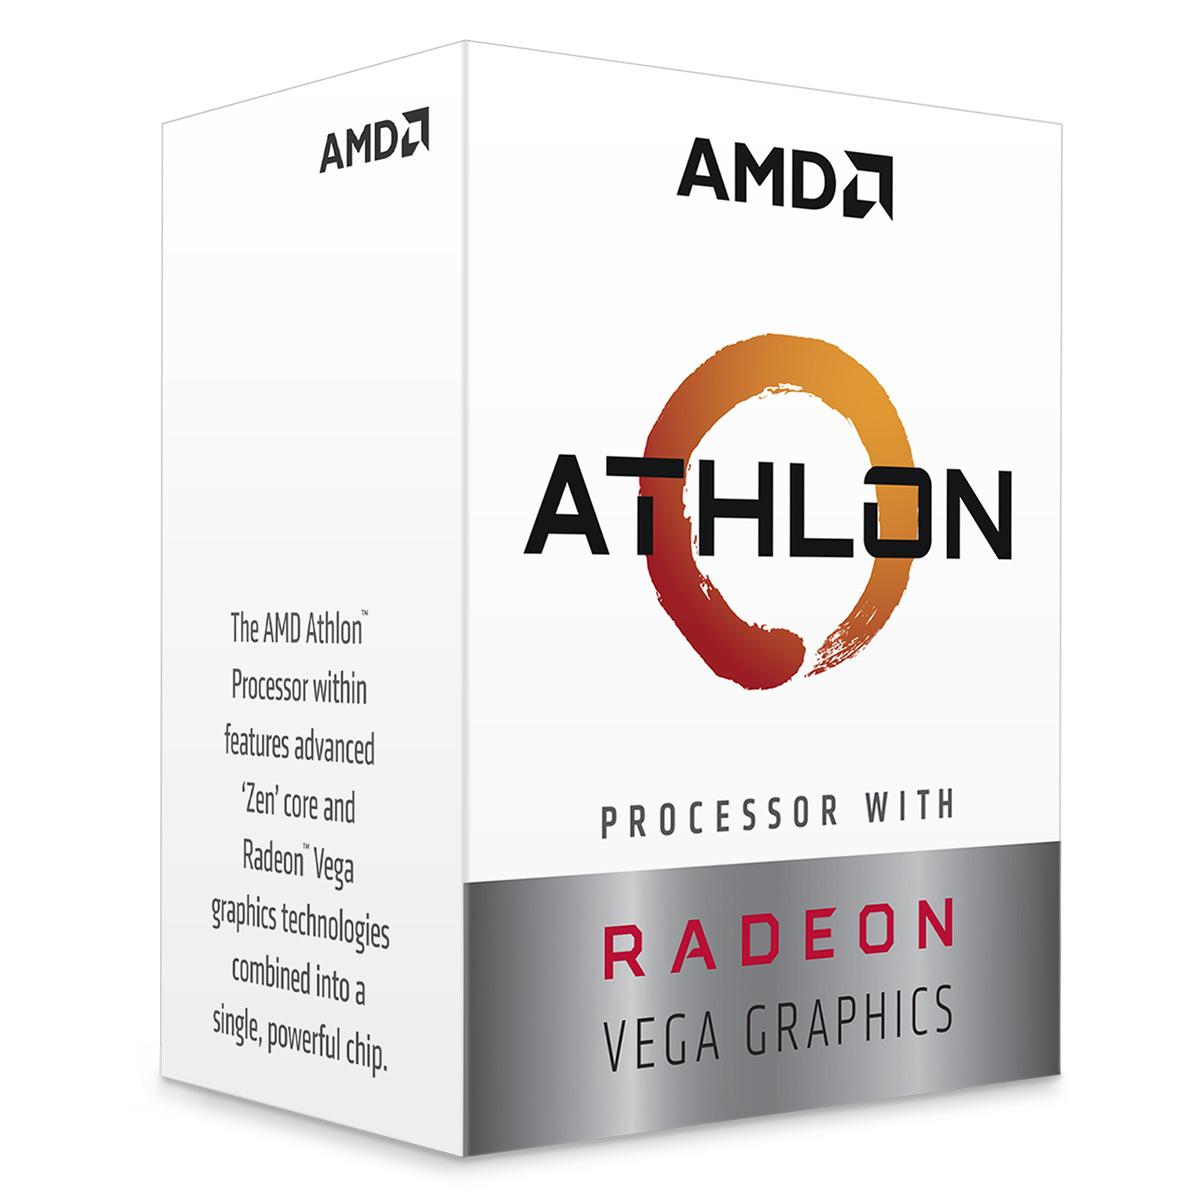 Processeur AMD Athlon 200GE (3.2 GHz) Processeur Dual Core socket AM4 Cache L3 4 Mo Radeon Vega Graphics 3 Coeurs 0.014 micron TDP 35W avec système de refroidissement (version boîte - garantie constructeur 3 ans)